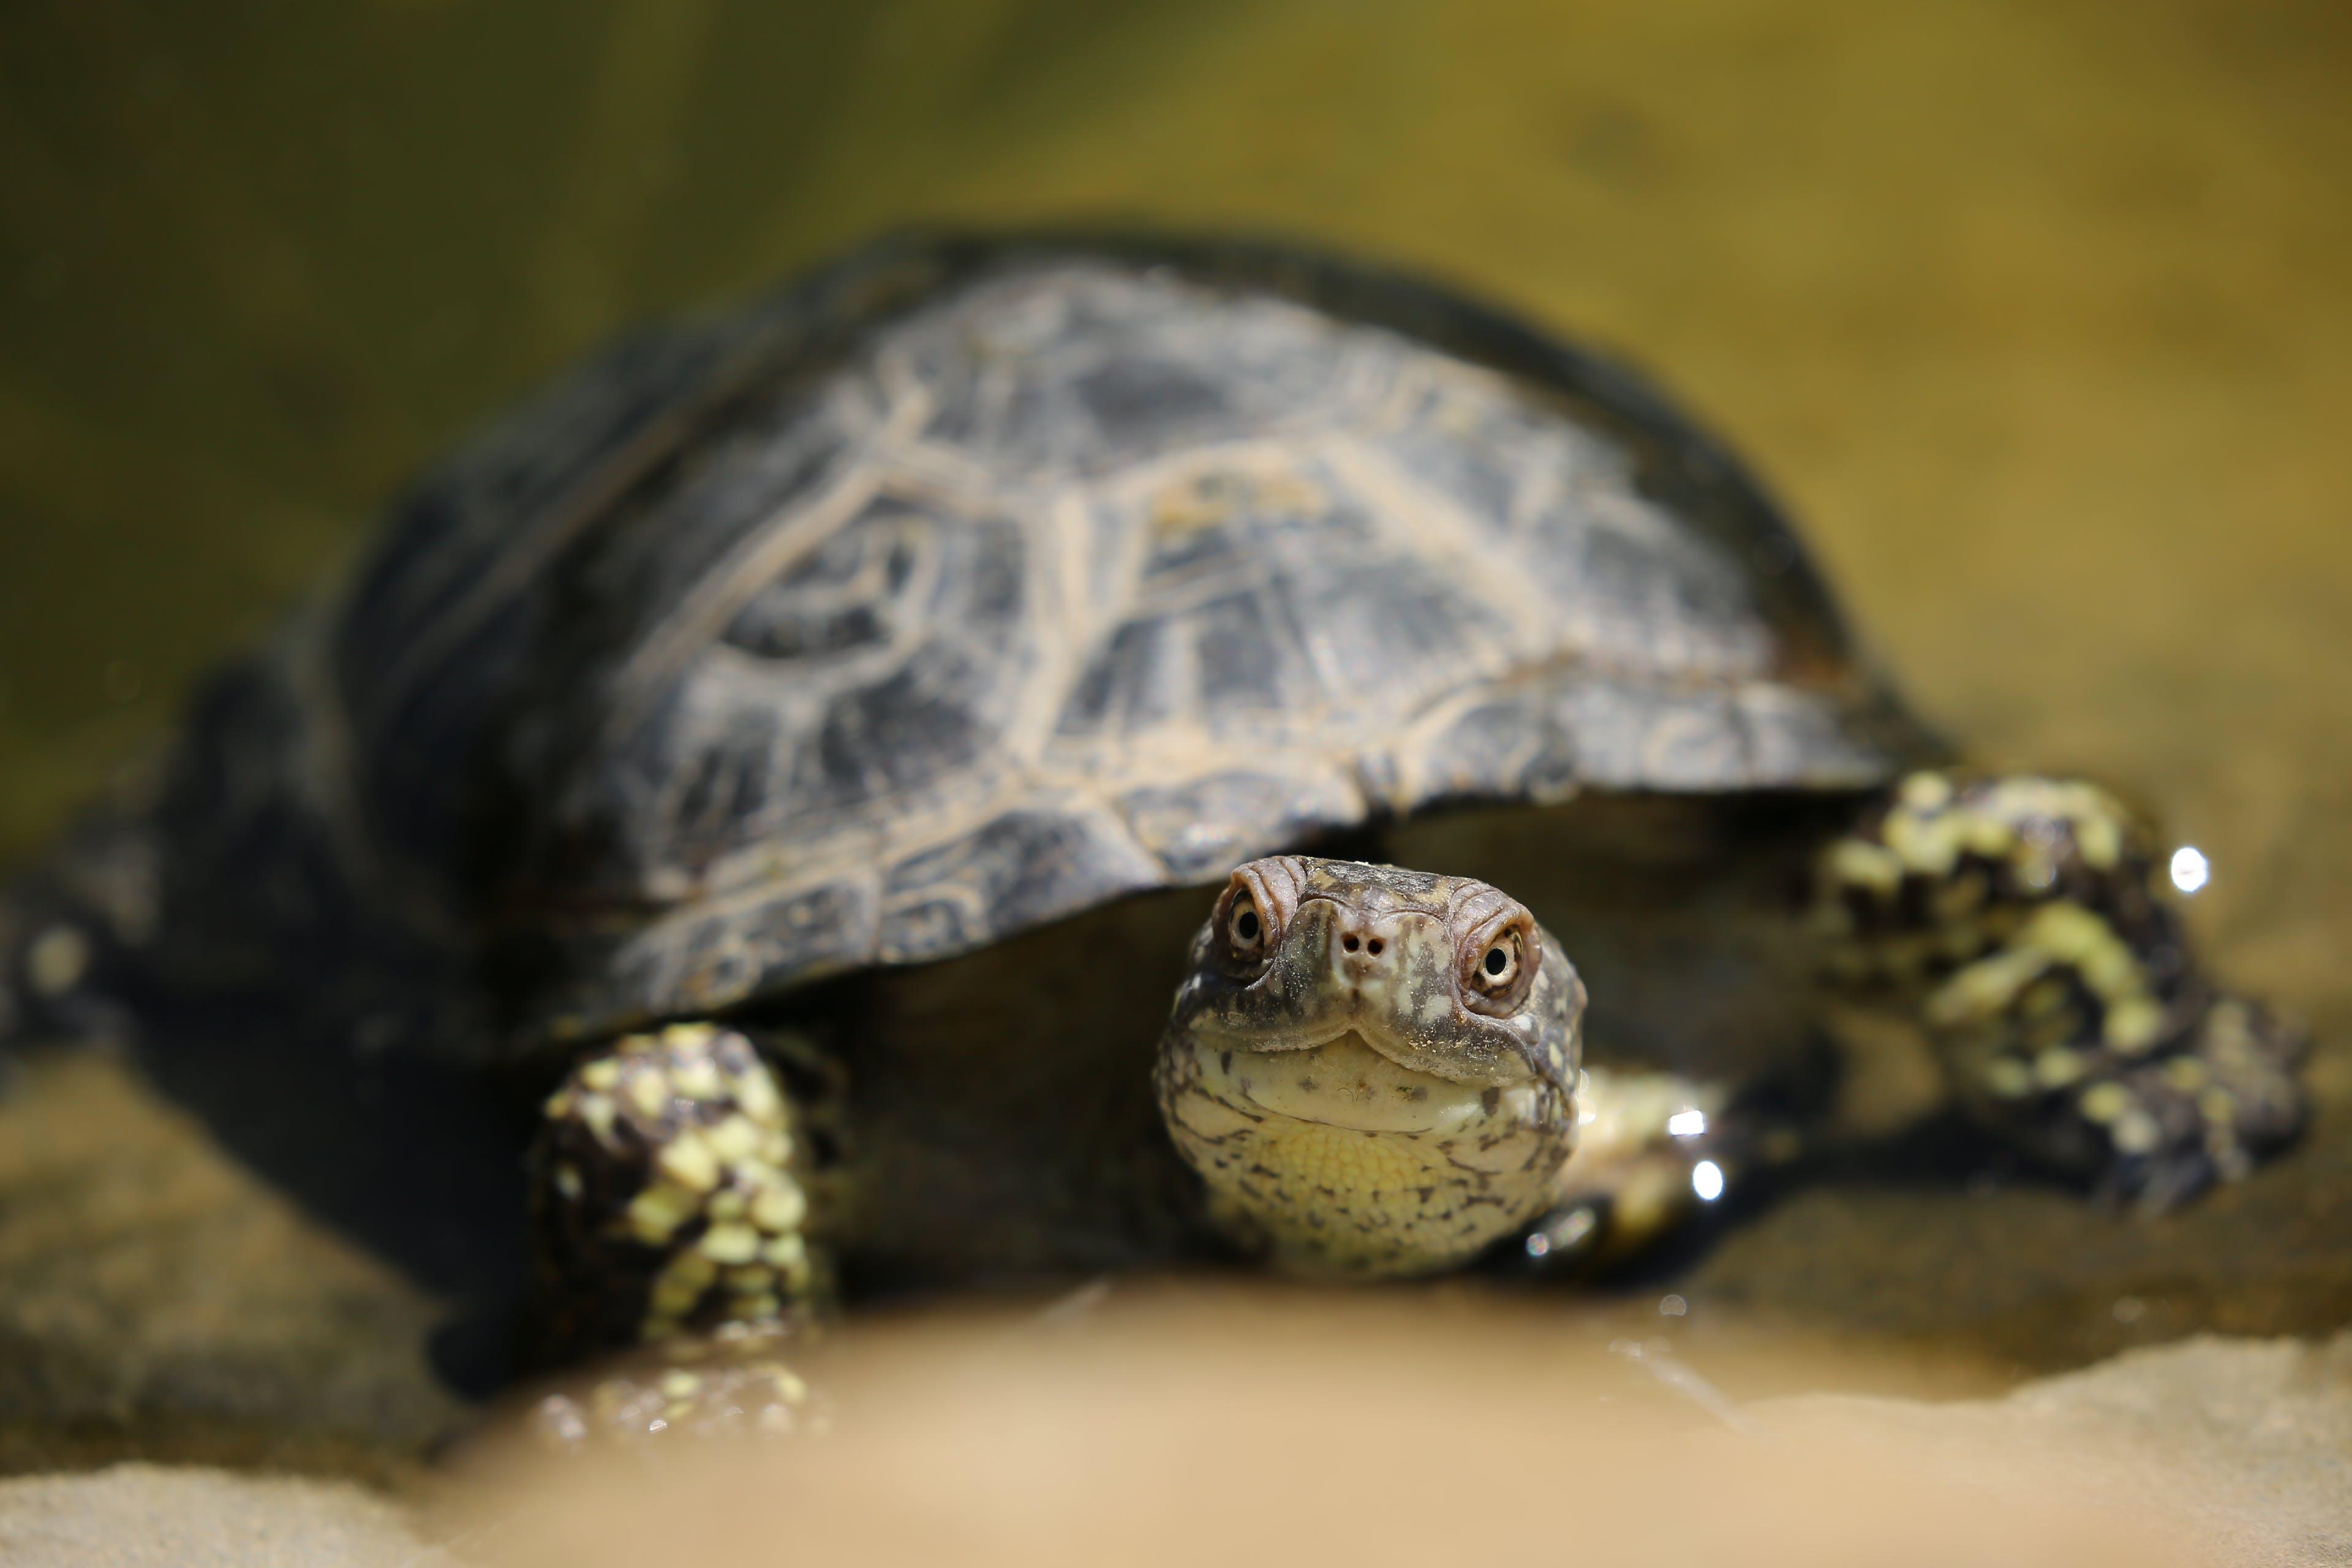 Kostenloses Stock Foto zu makro, nahansicht, reptil, schildkröte